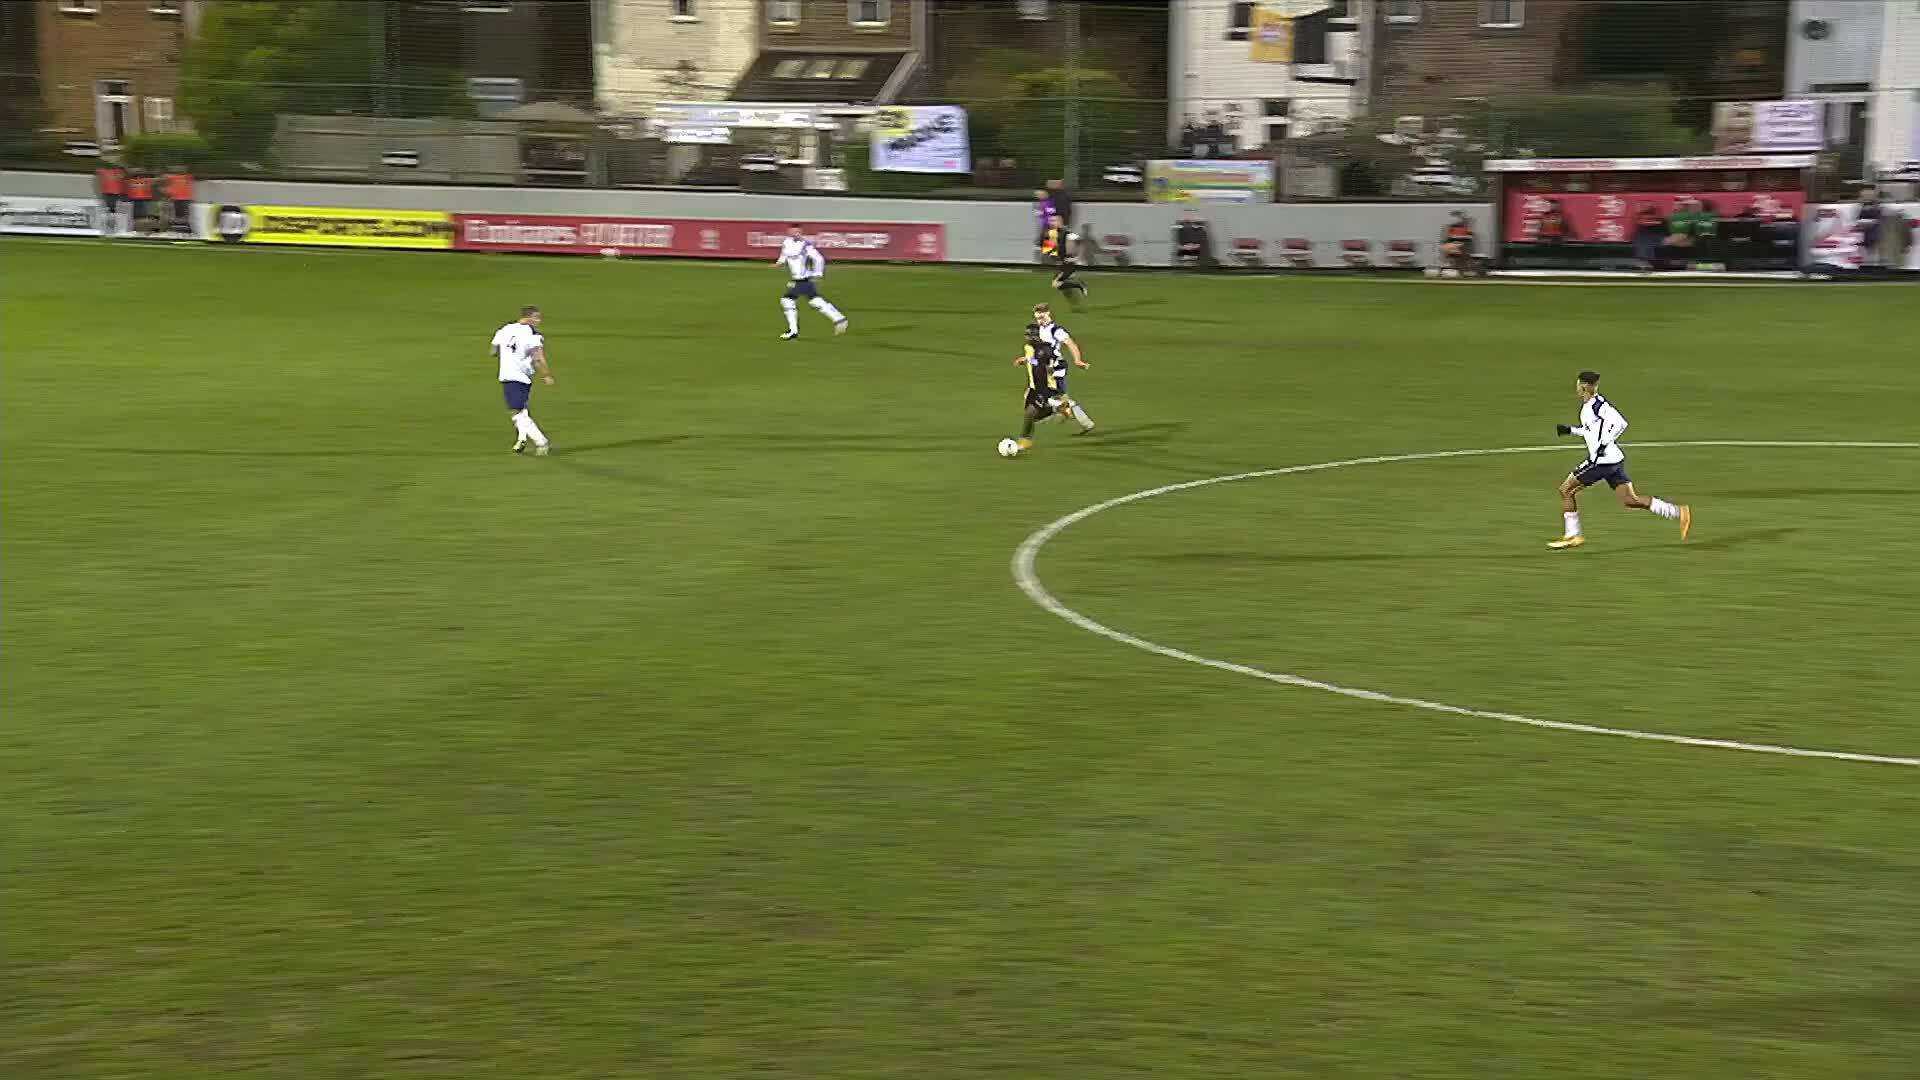 Marine 0-5 Tottenham